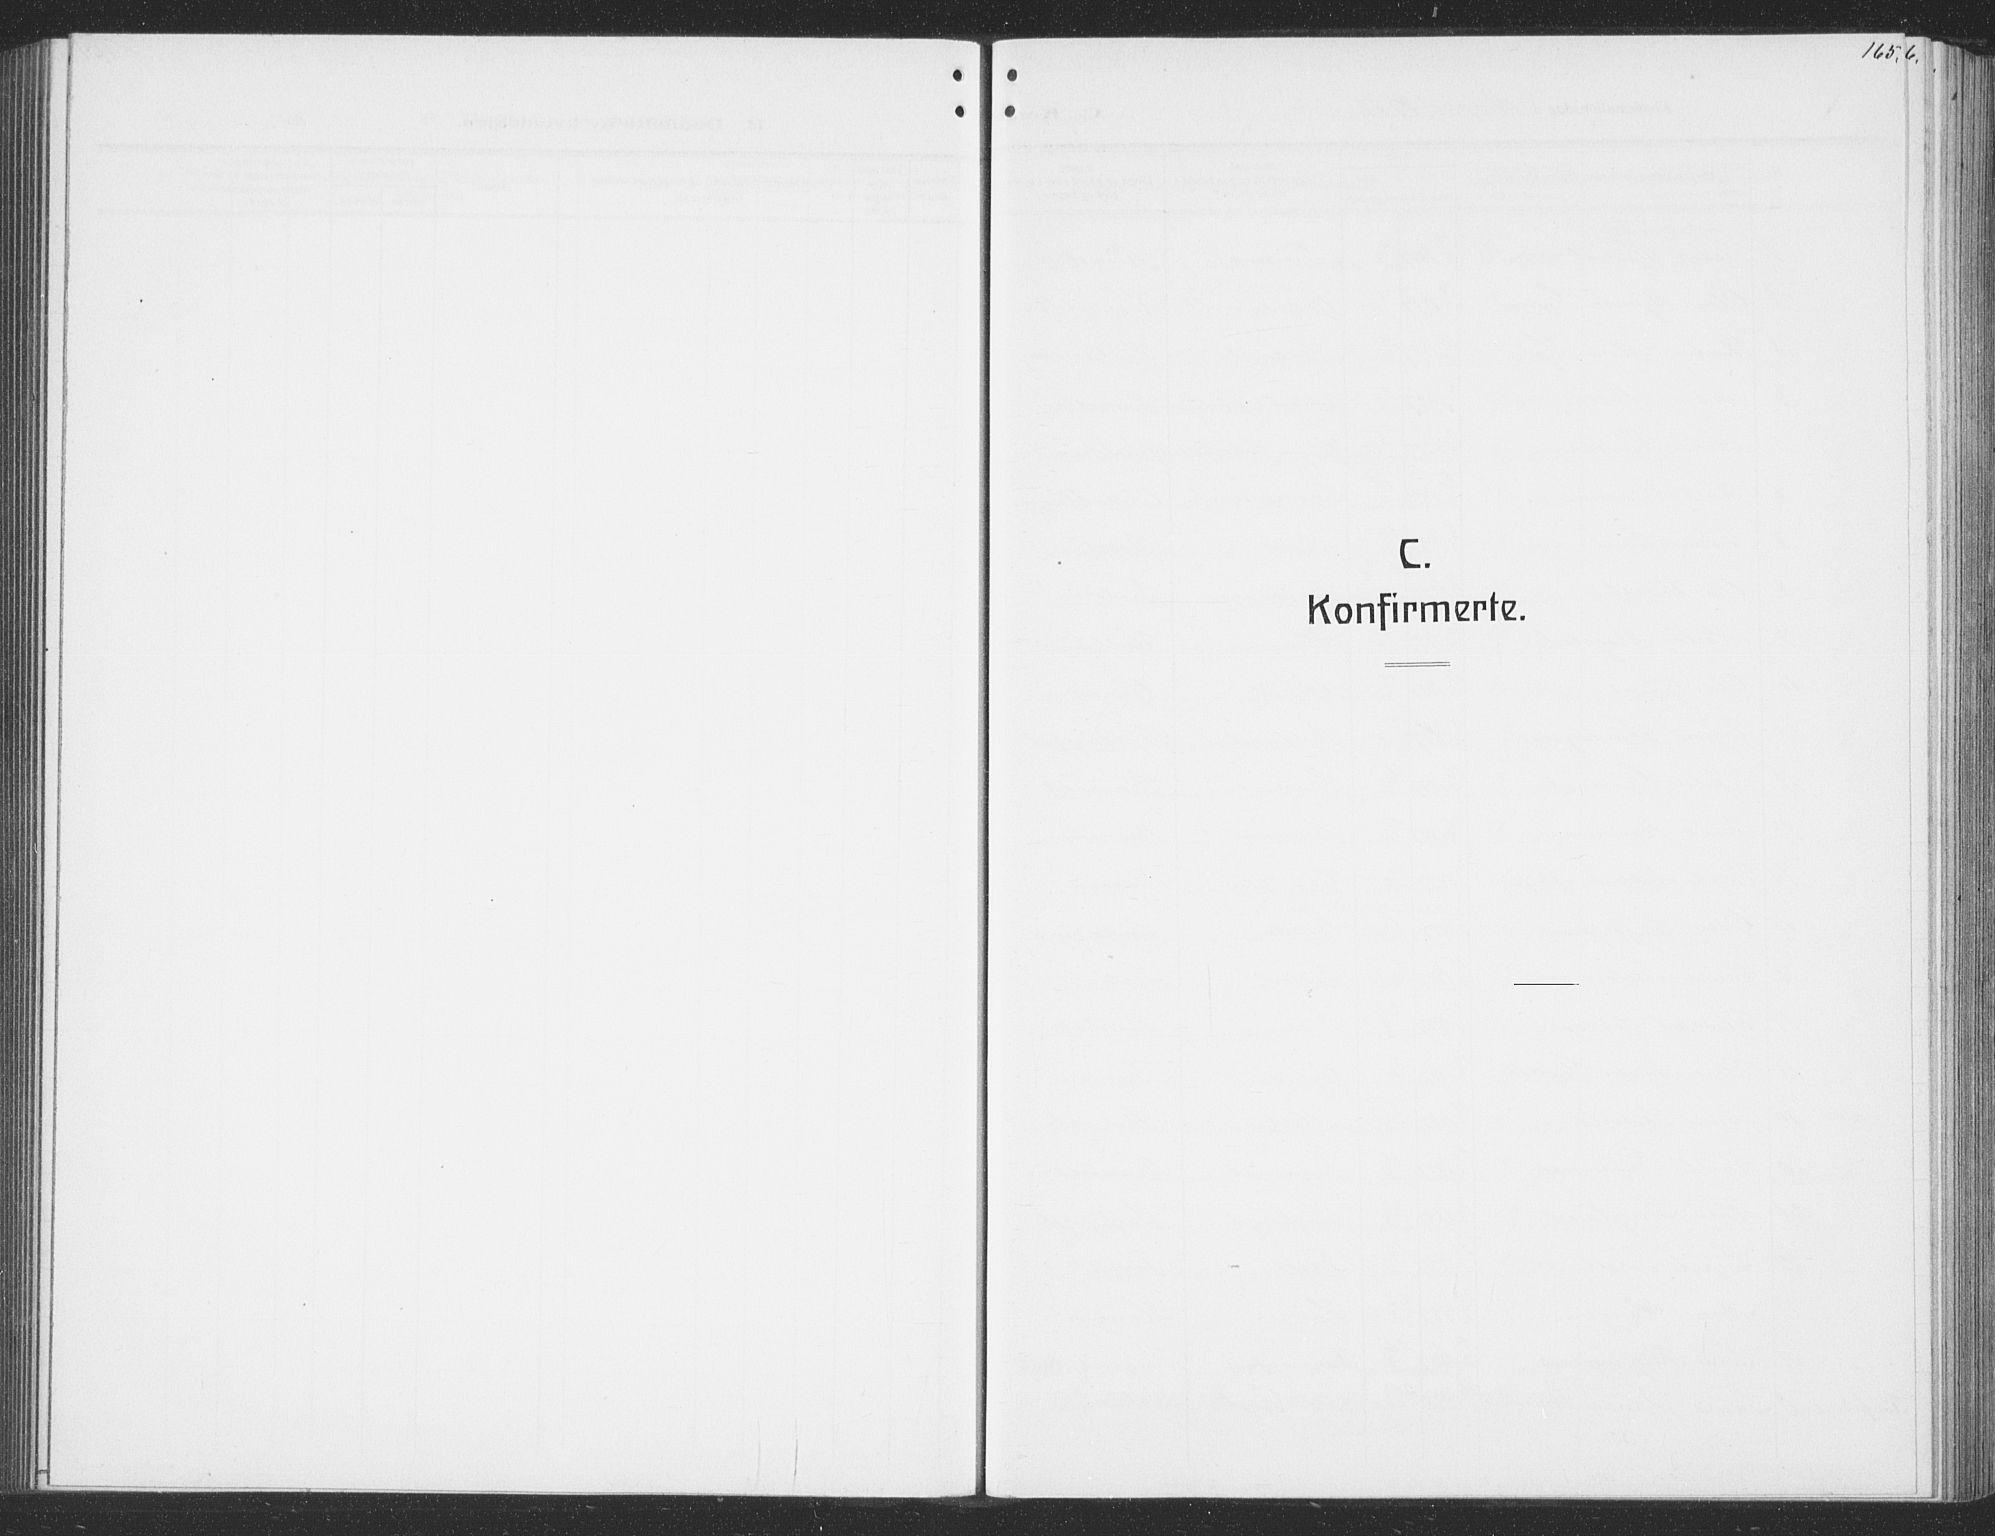 SAT, Ministerialprotokoller, klokkerbøker og fødselsregistre - Sør-Trøndelag, 691/L1095: Klokkerbok nr. 691C06, 1912-1933, s. 165